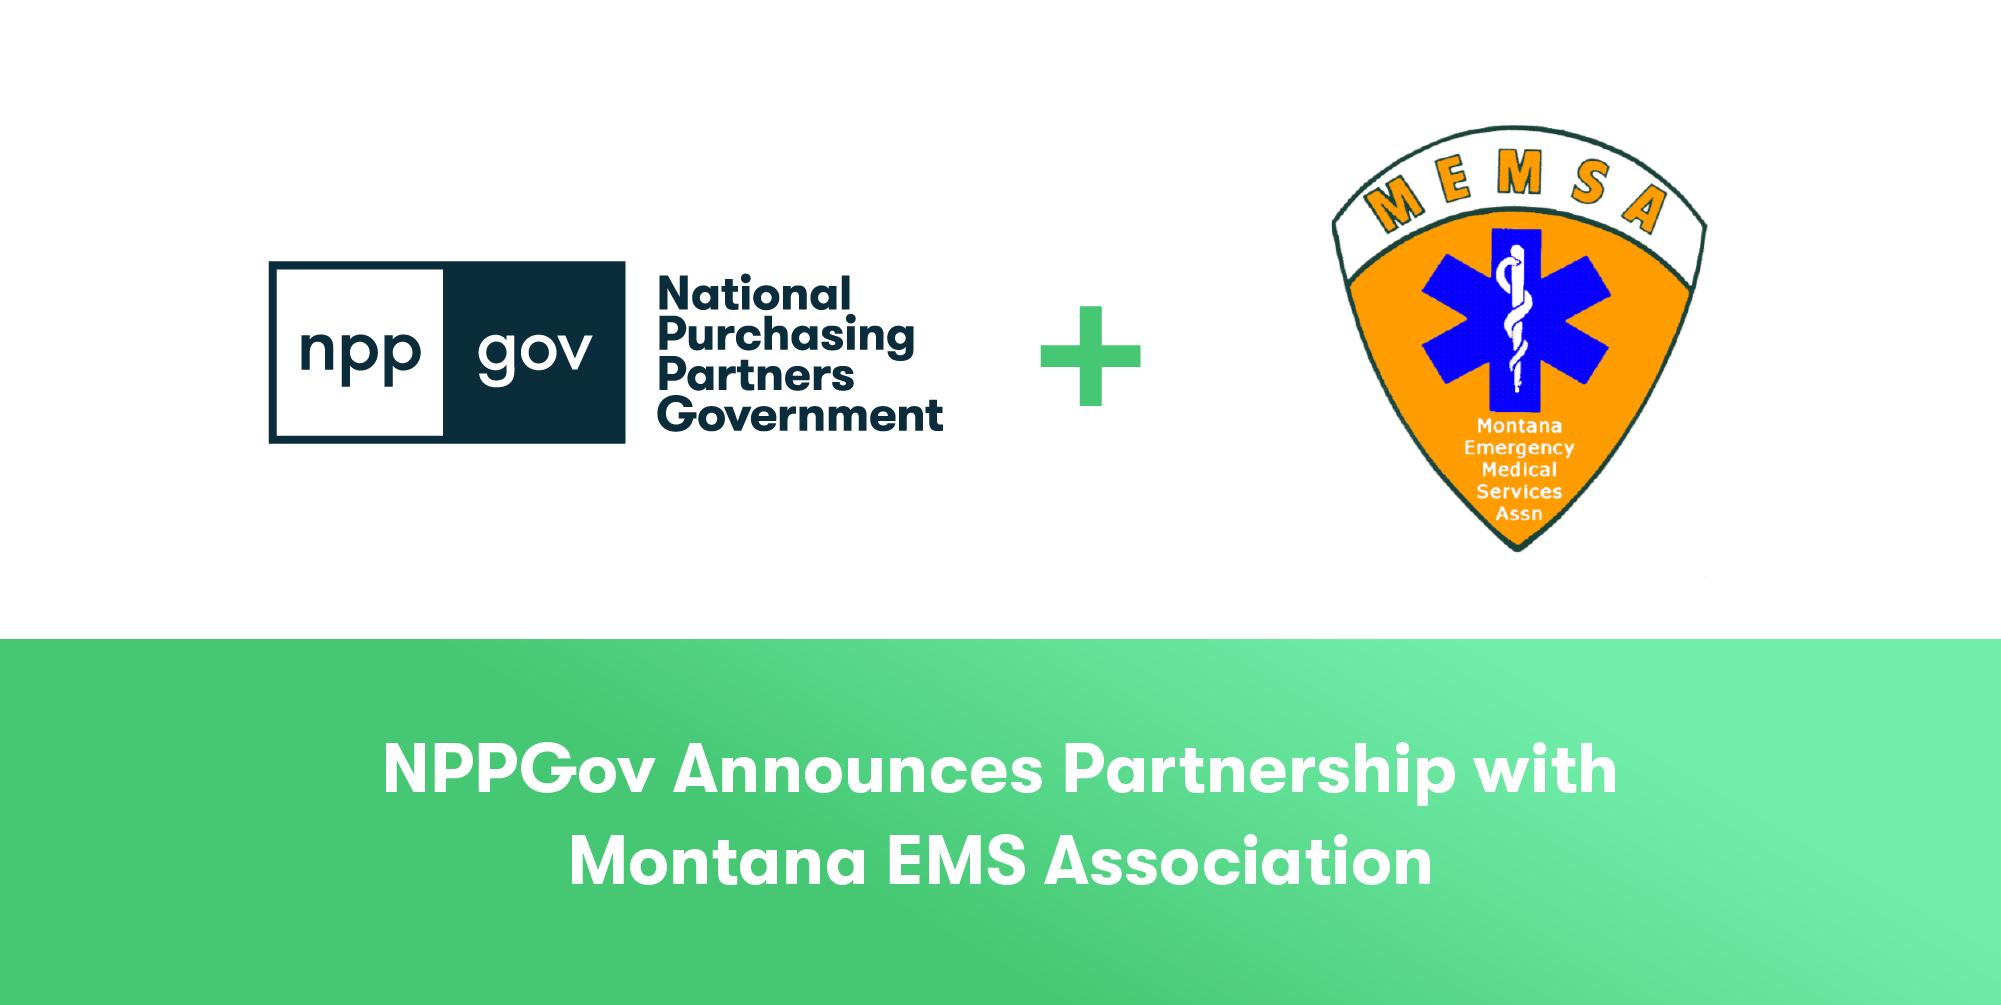 NPPGov Partners With Montana EMS Association